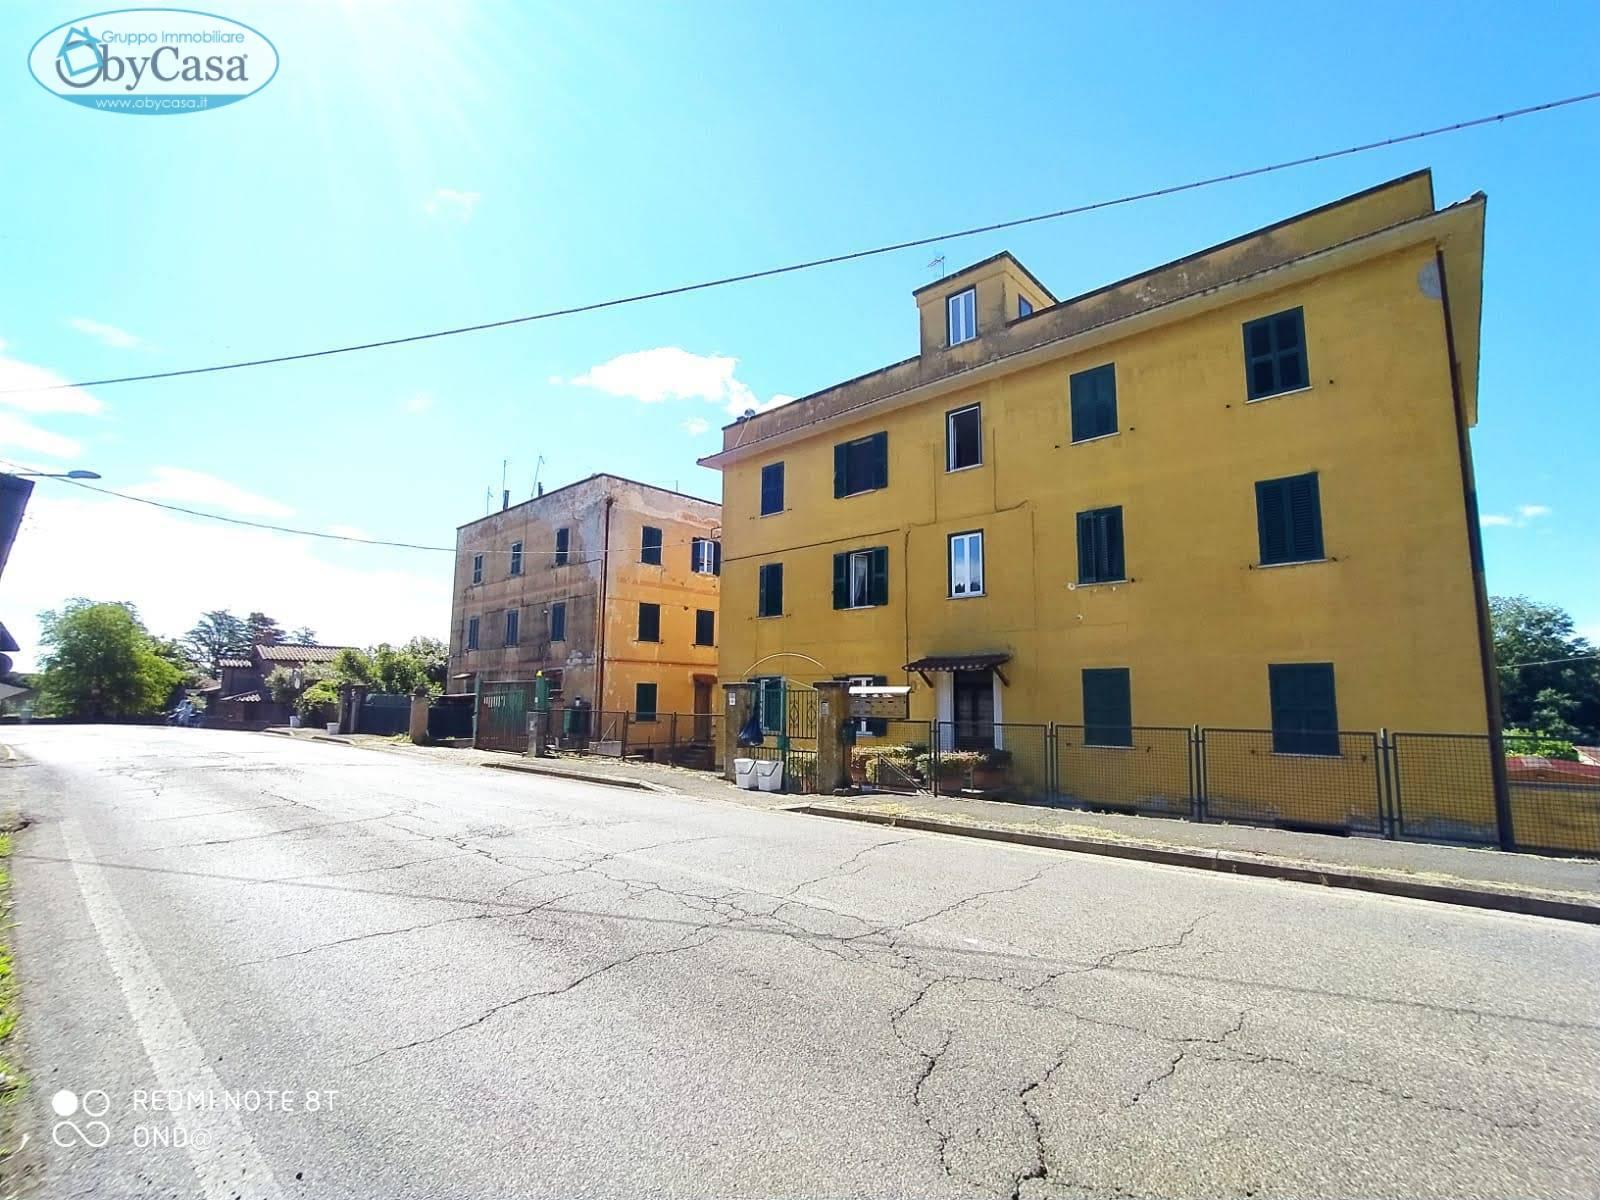 Appartamento in vendita a Manziana, 3 locali, zona Zona: Quadroni, prezzo € 70.000 | CambioCasa.it